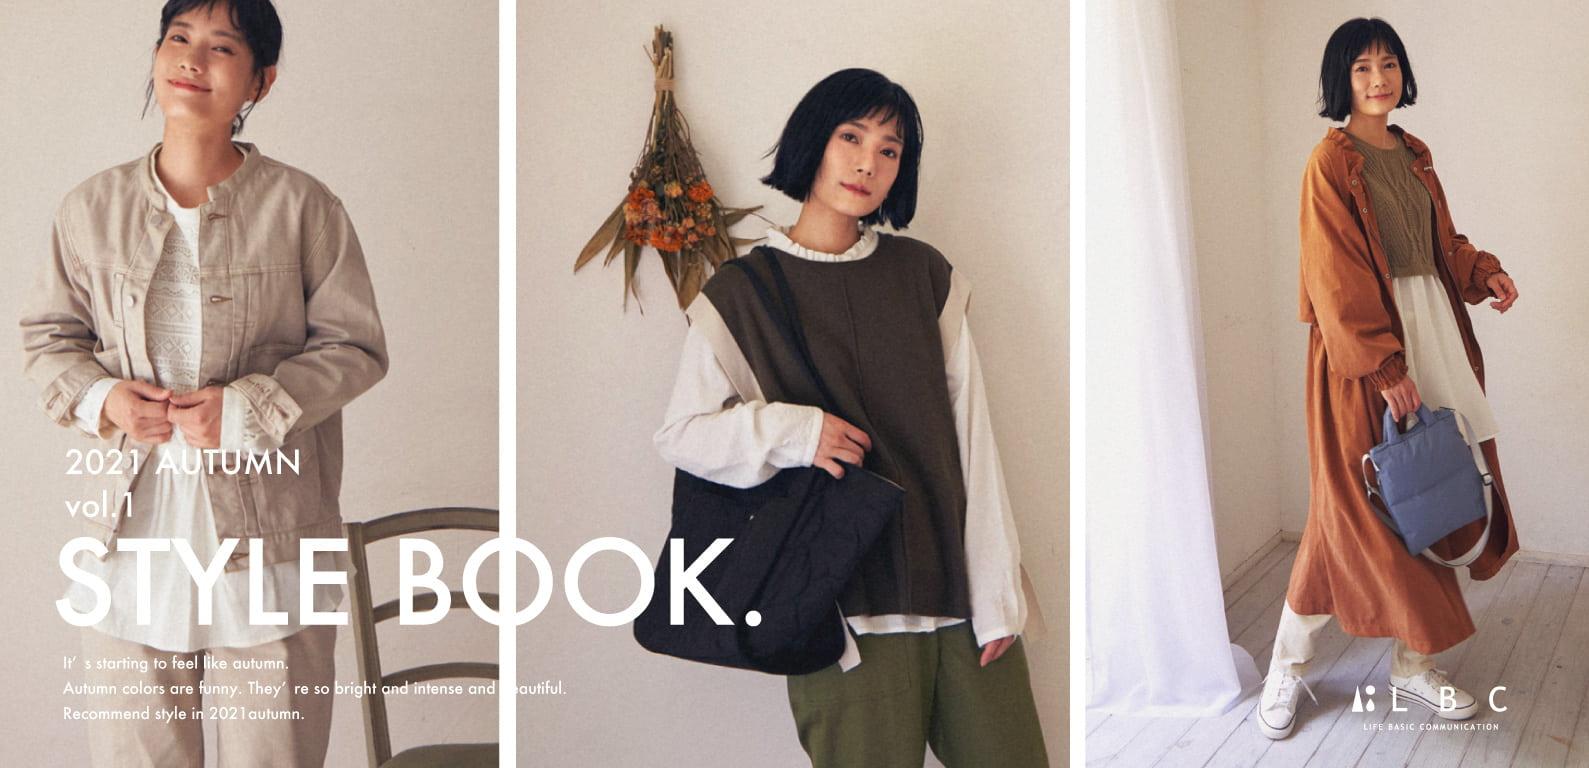 LBC stylebook autumn 2021